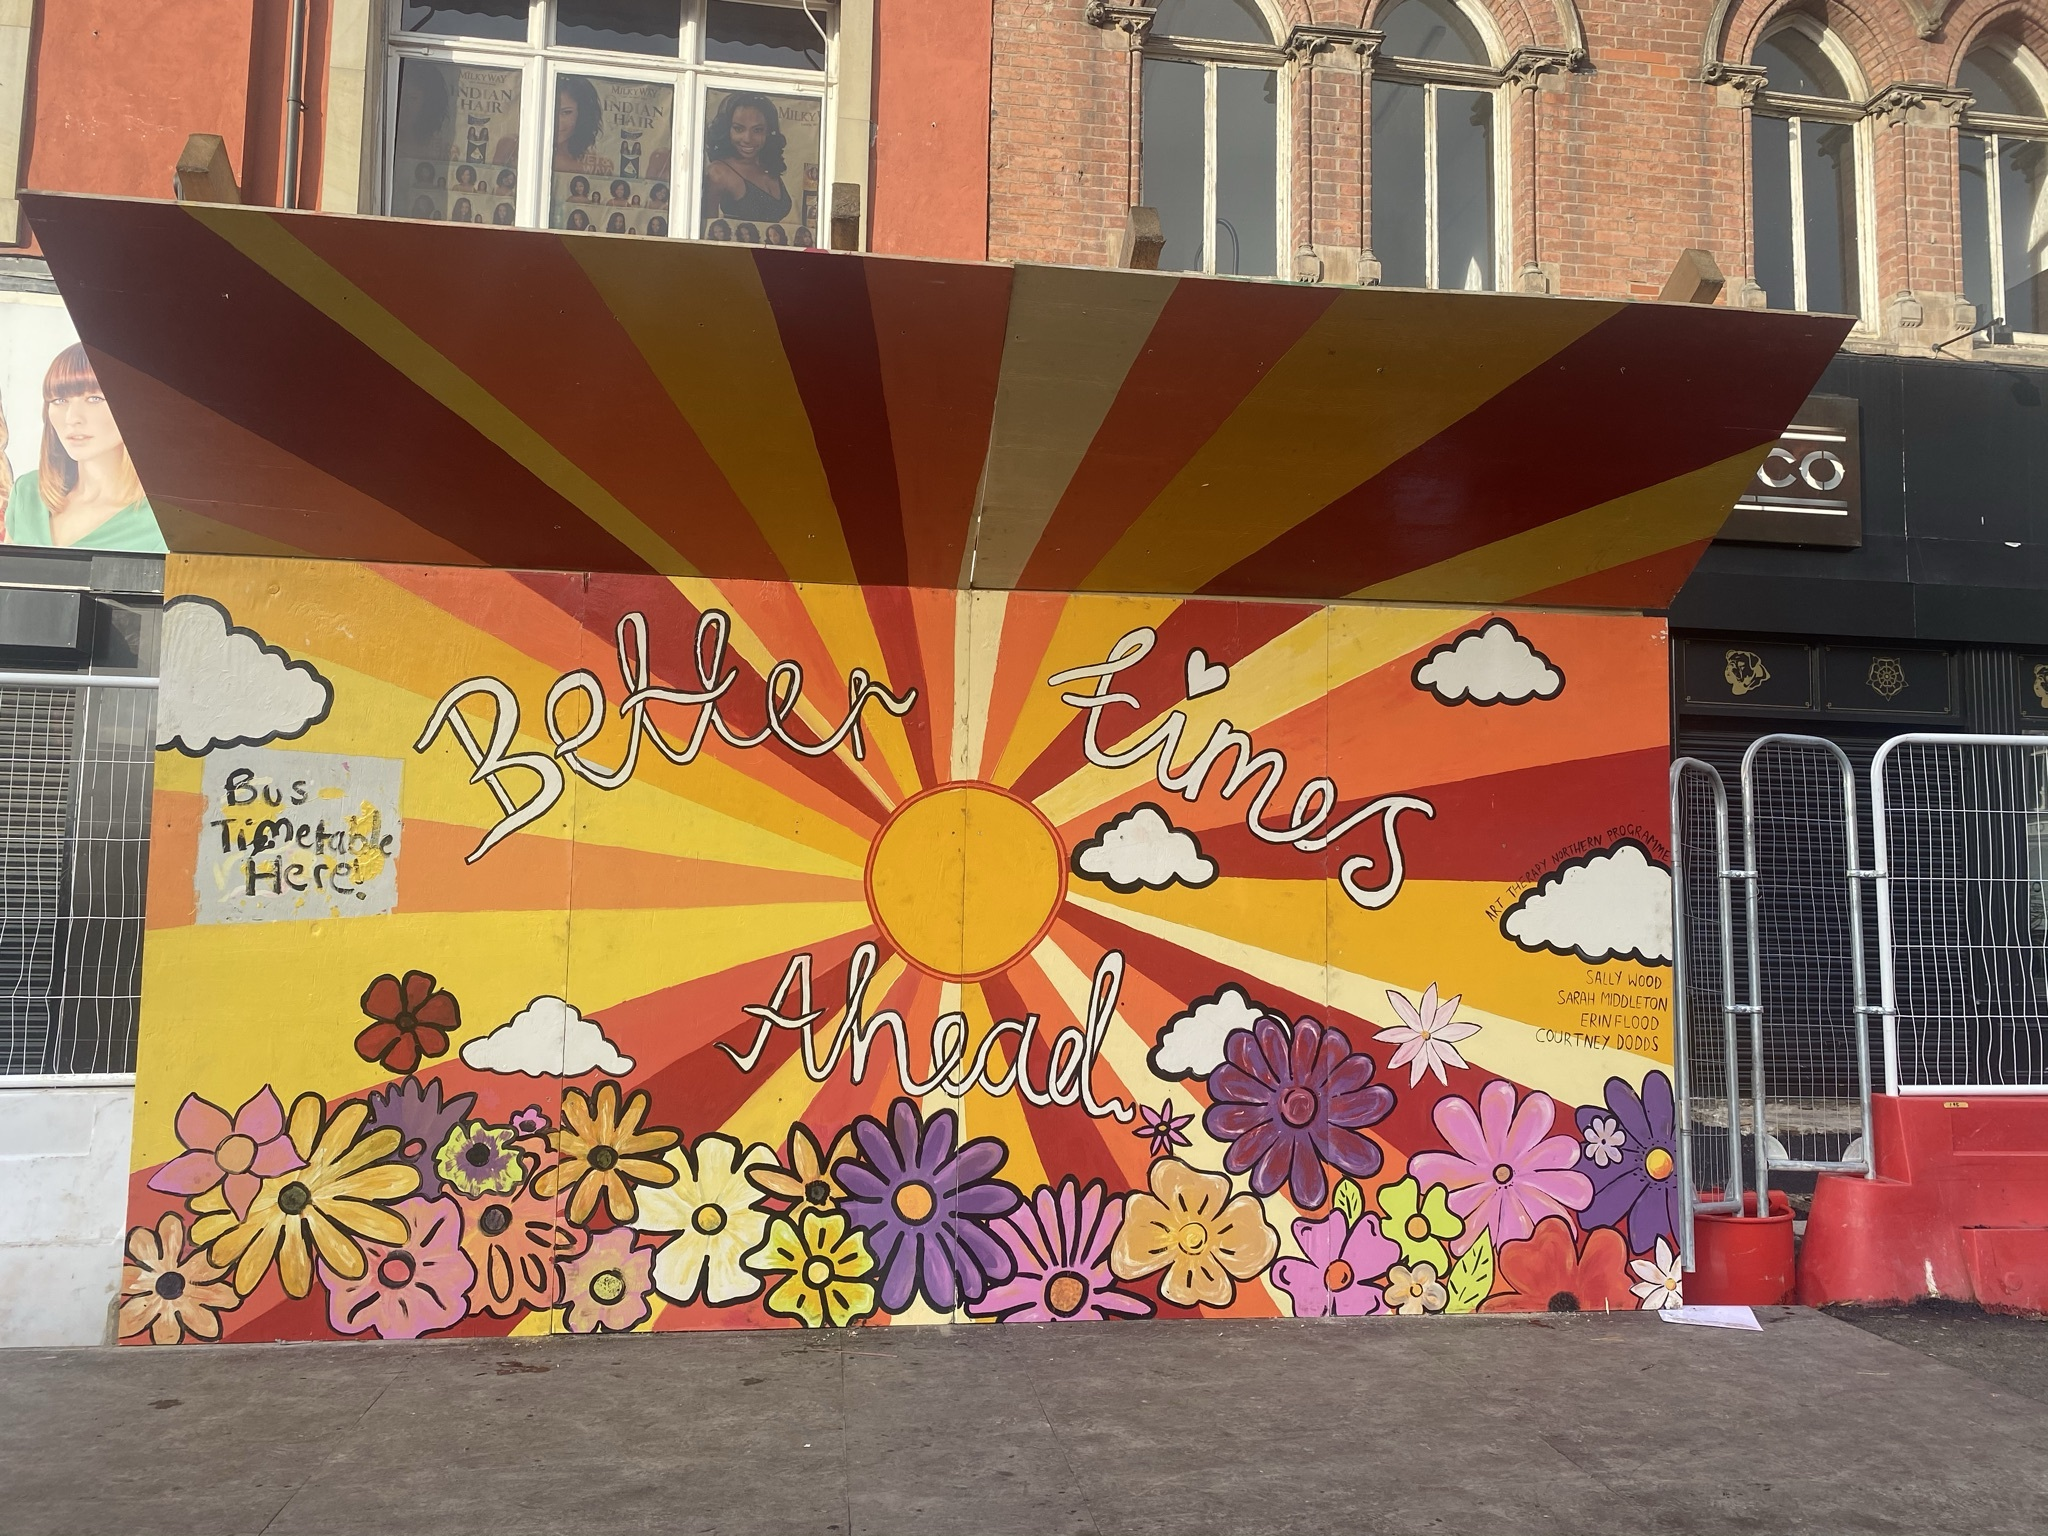 Leeds art work